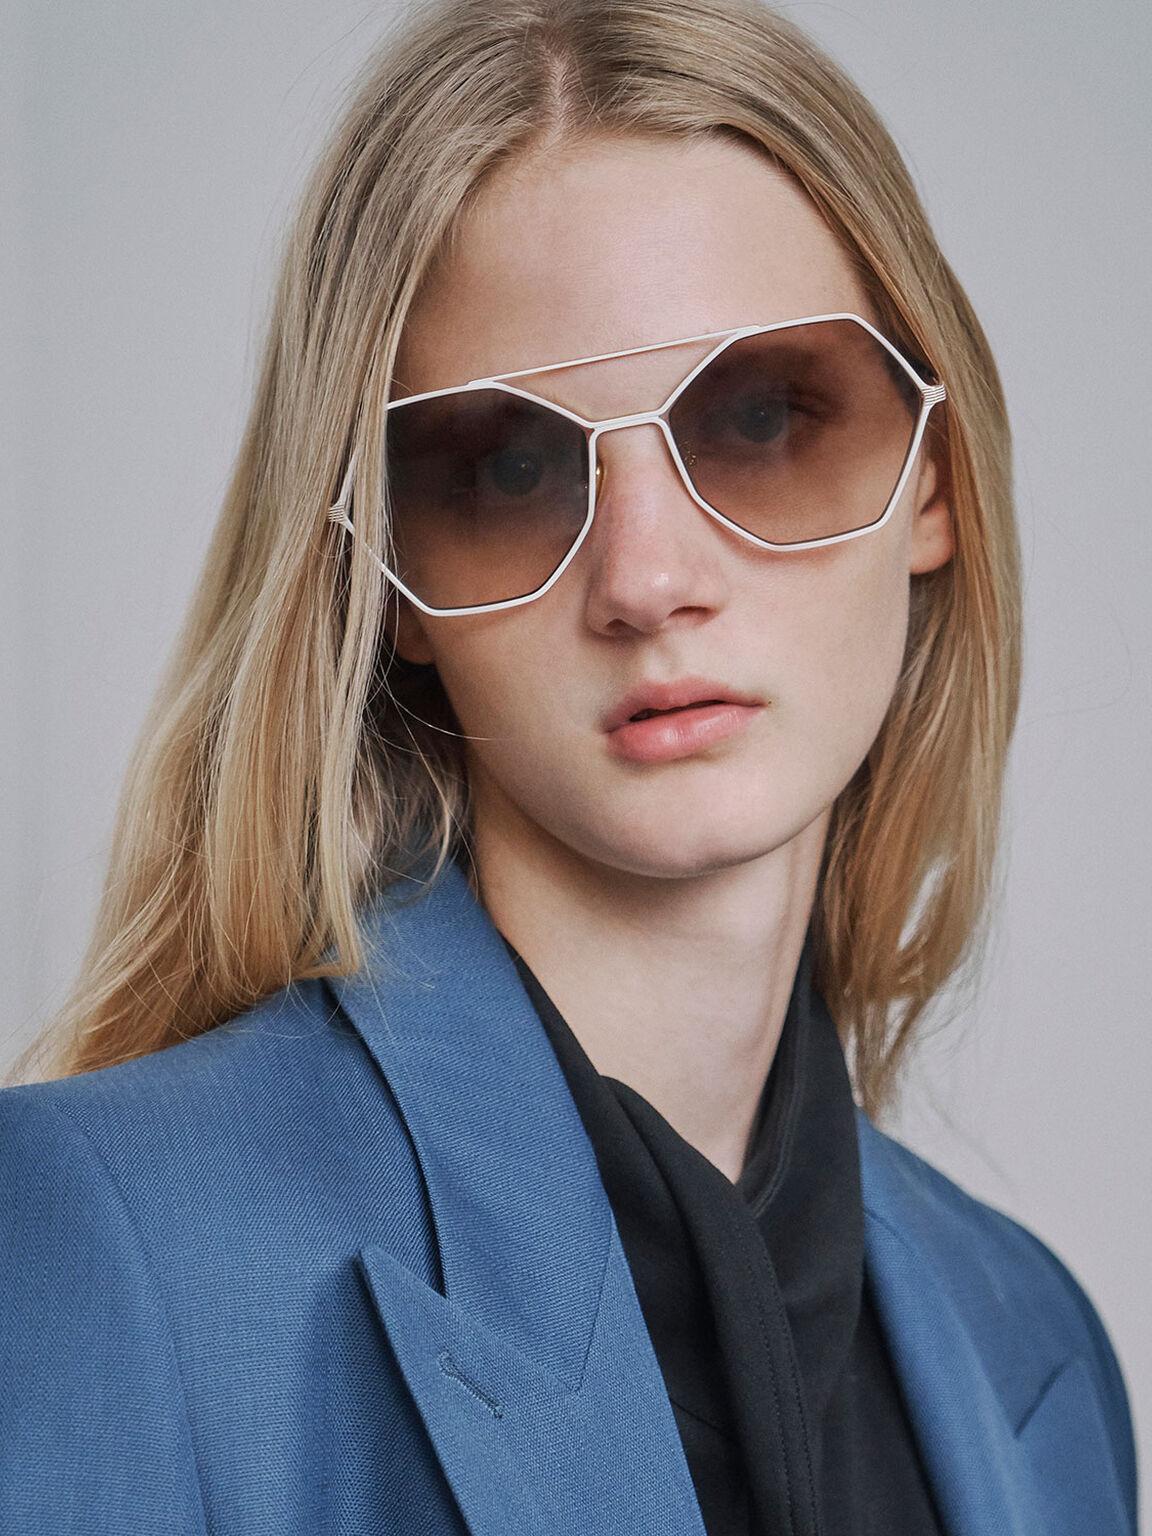 Gradient Tint Geometric Sunglasses, Cream, hi-res